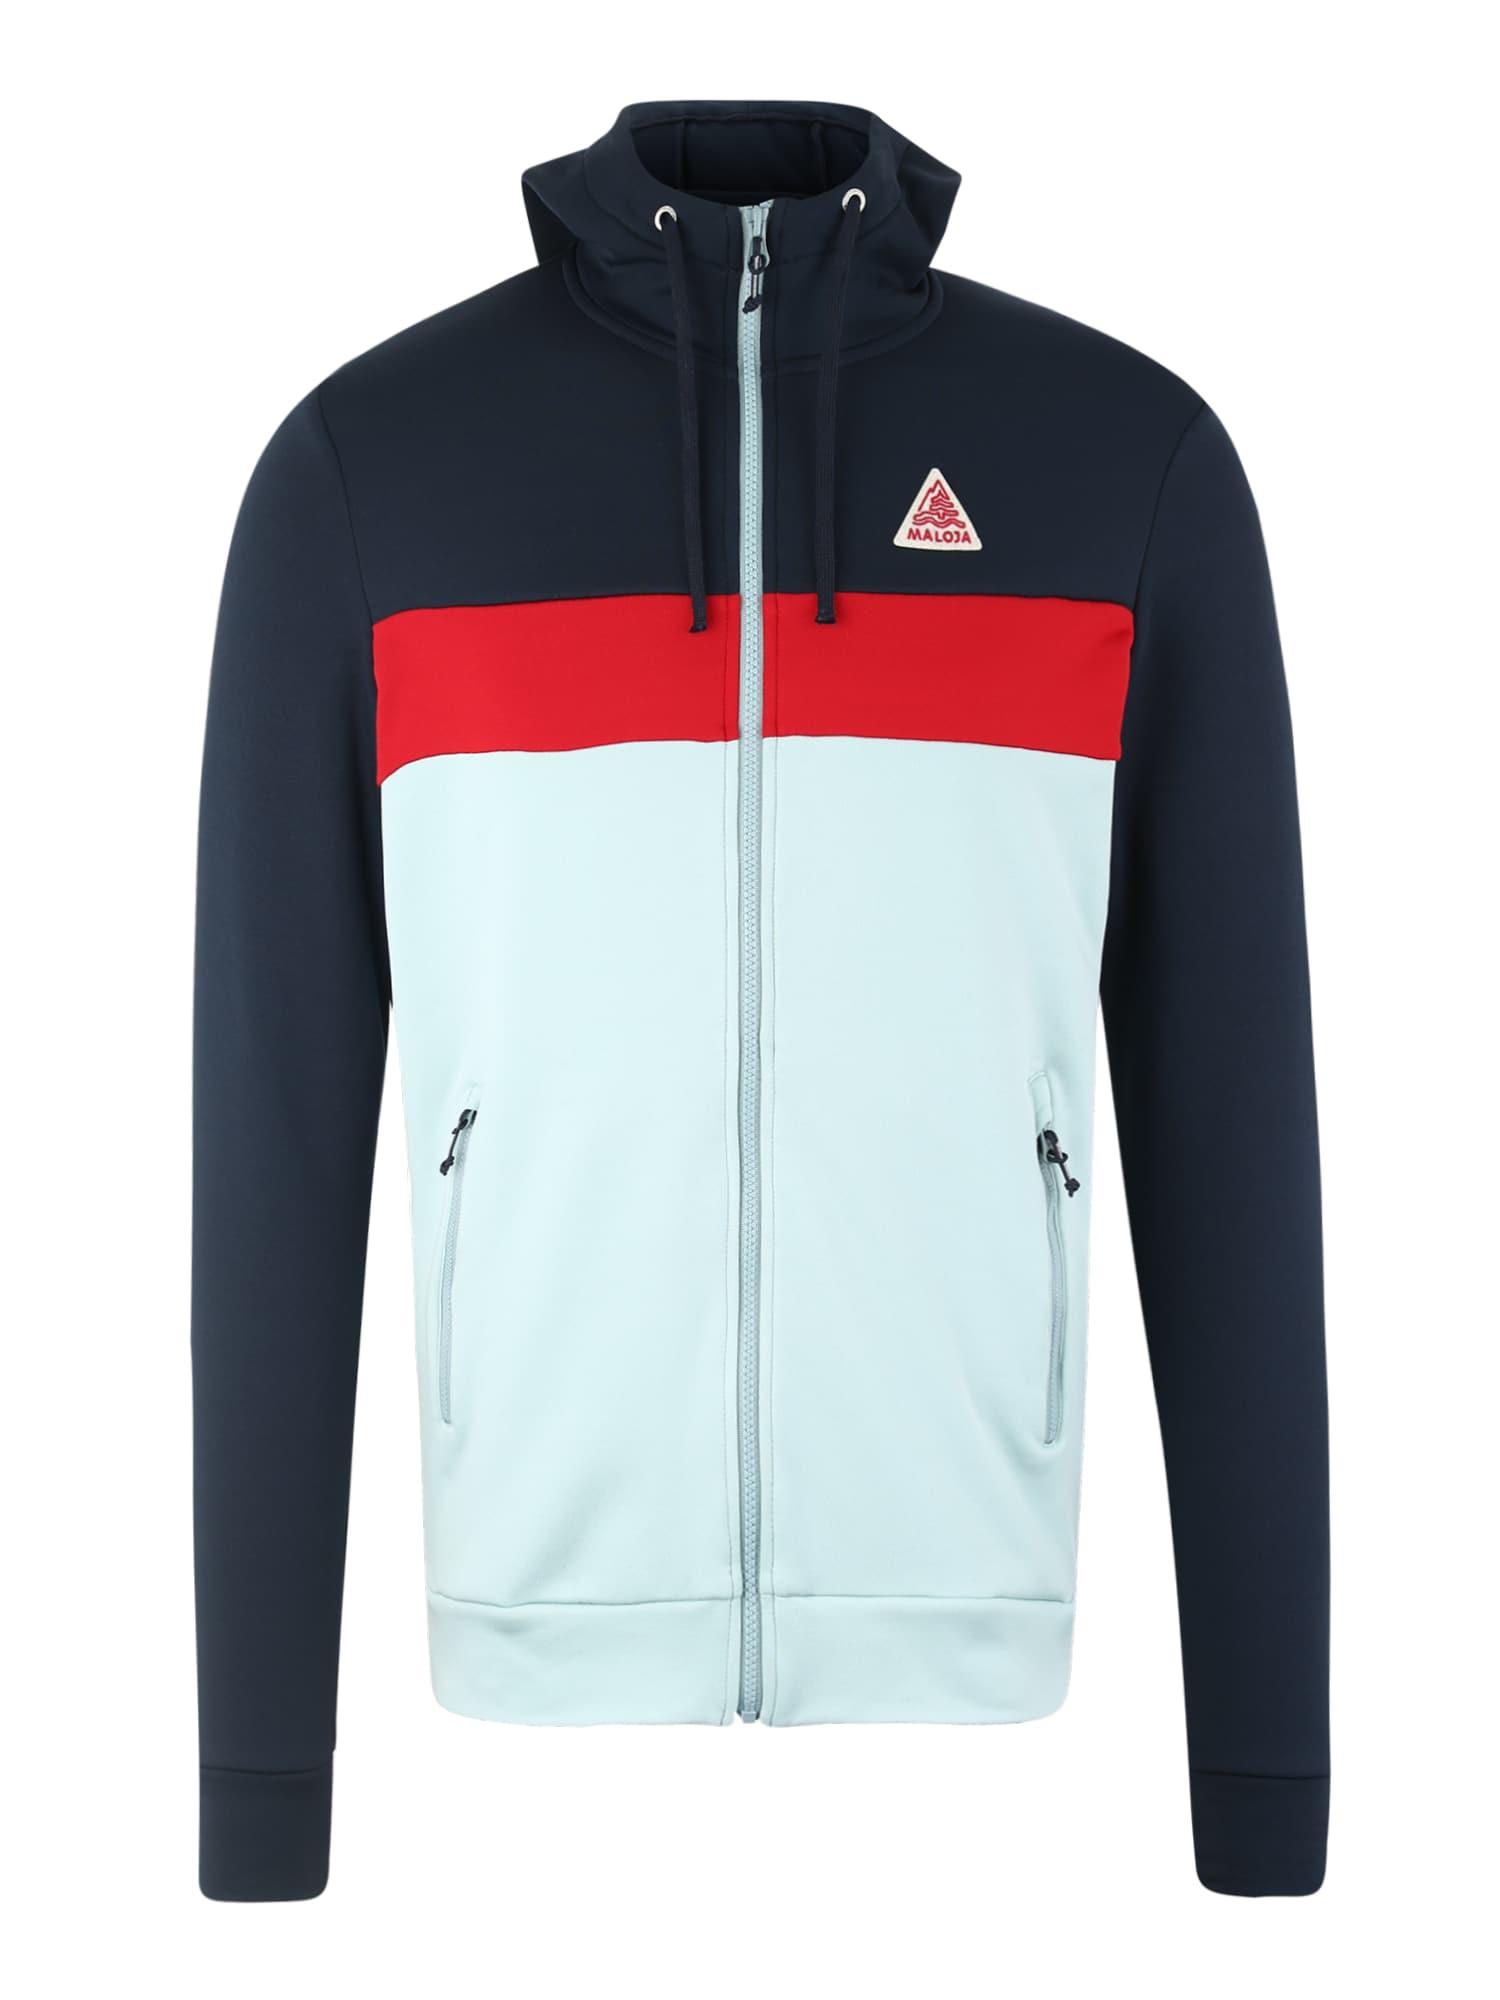 Sportovní bunda ArvinsM. tmavě modrá mátová červená Maloja